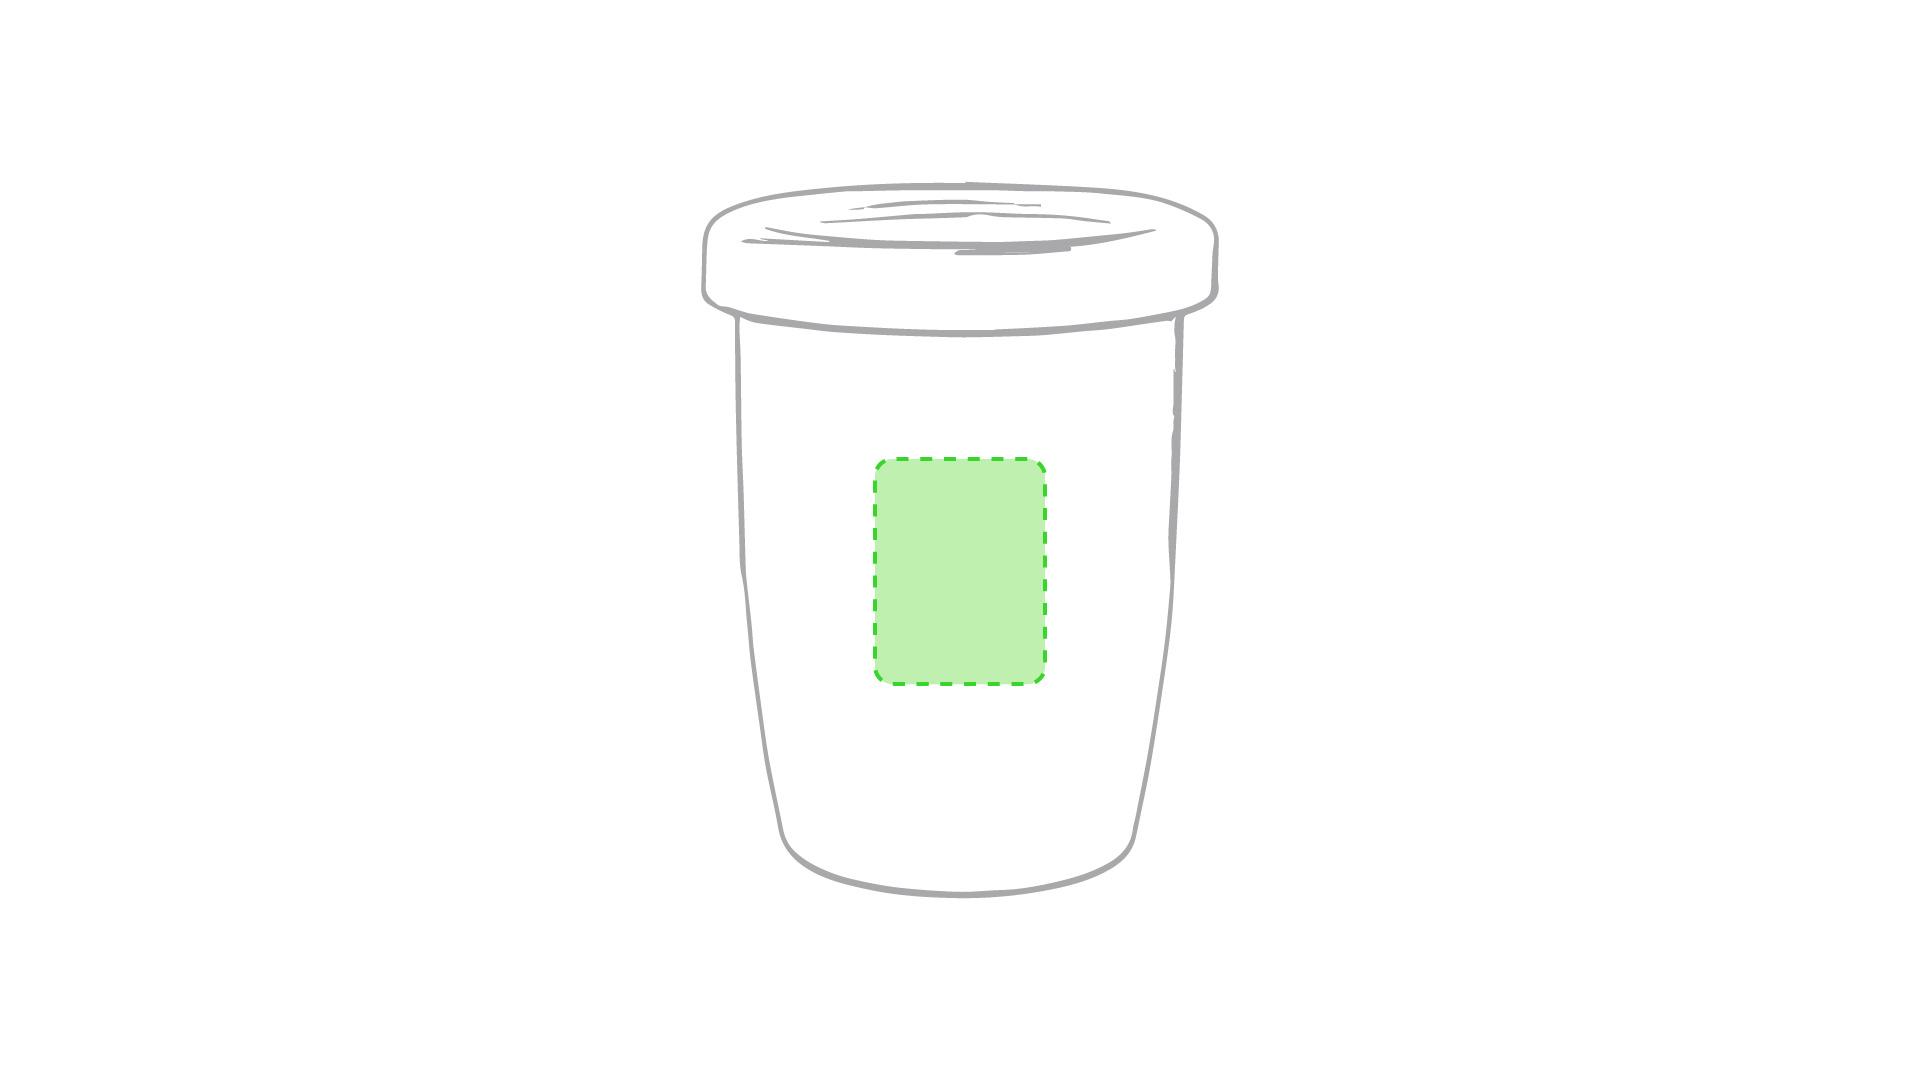 Centrado en el frente de la taza